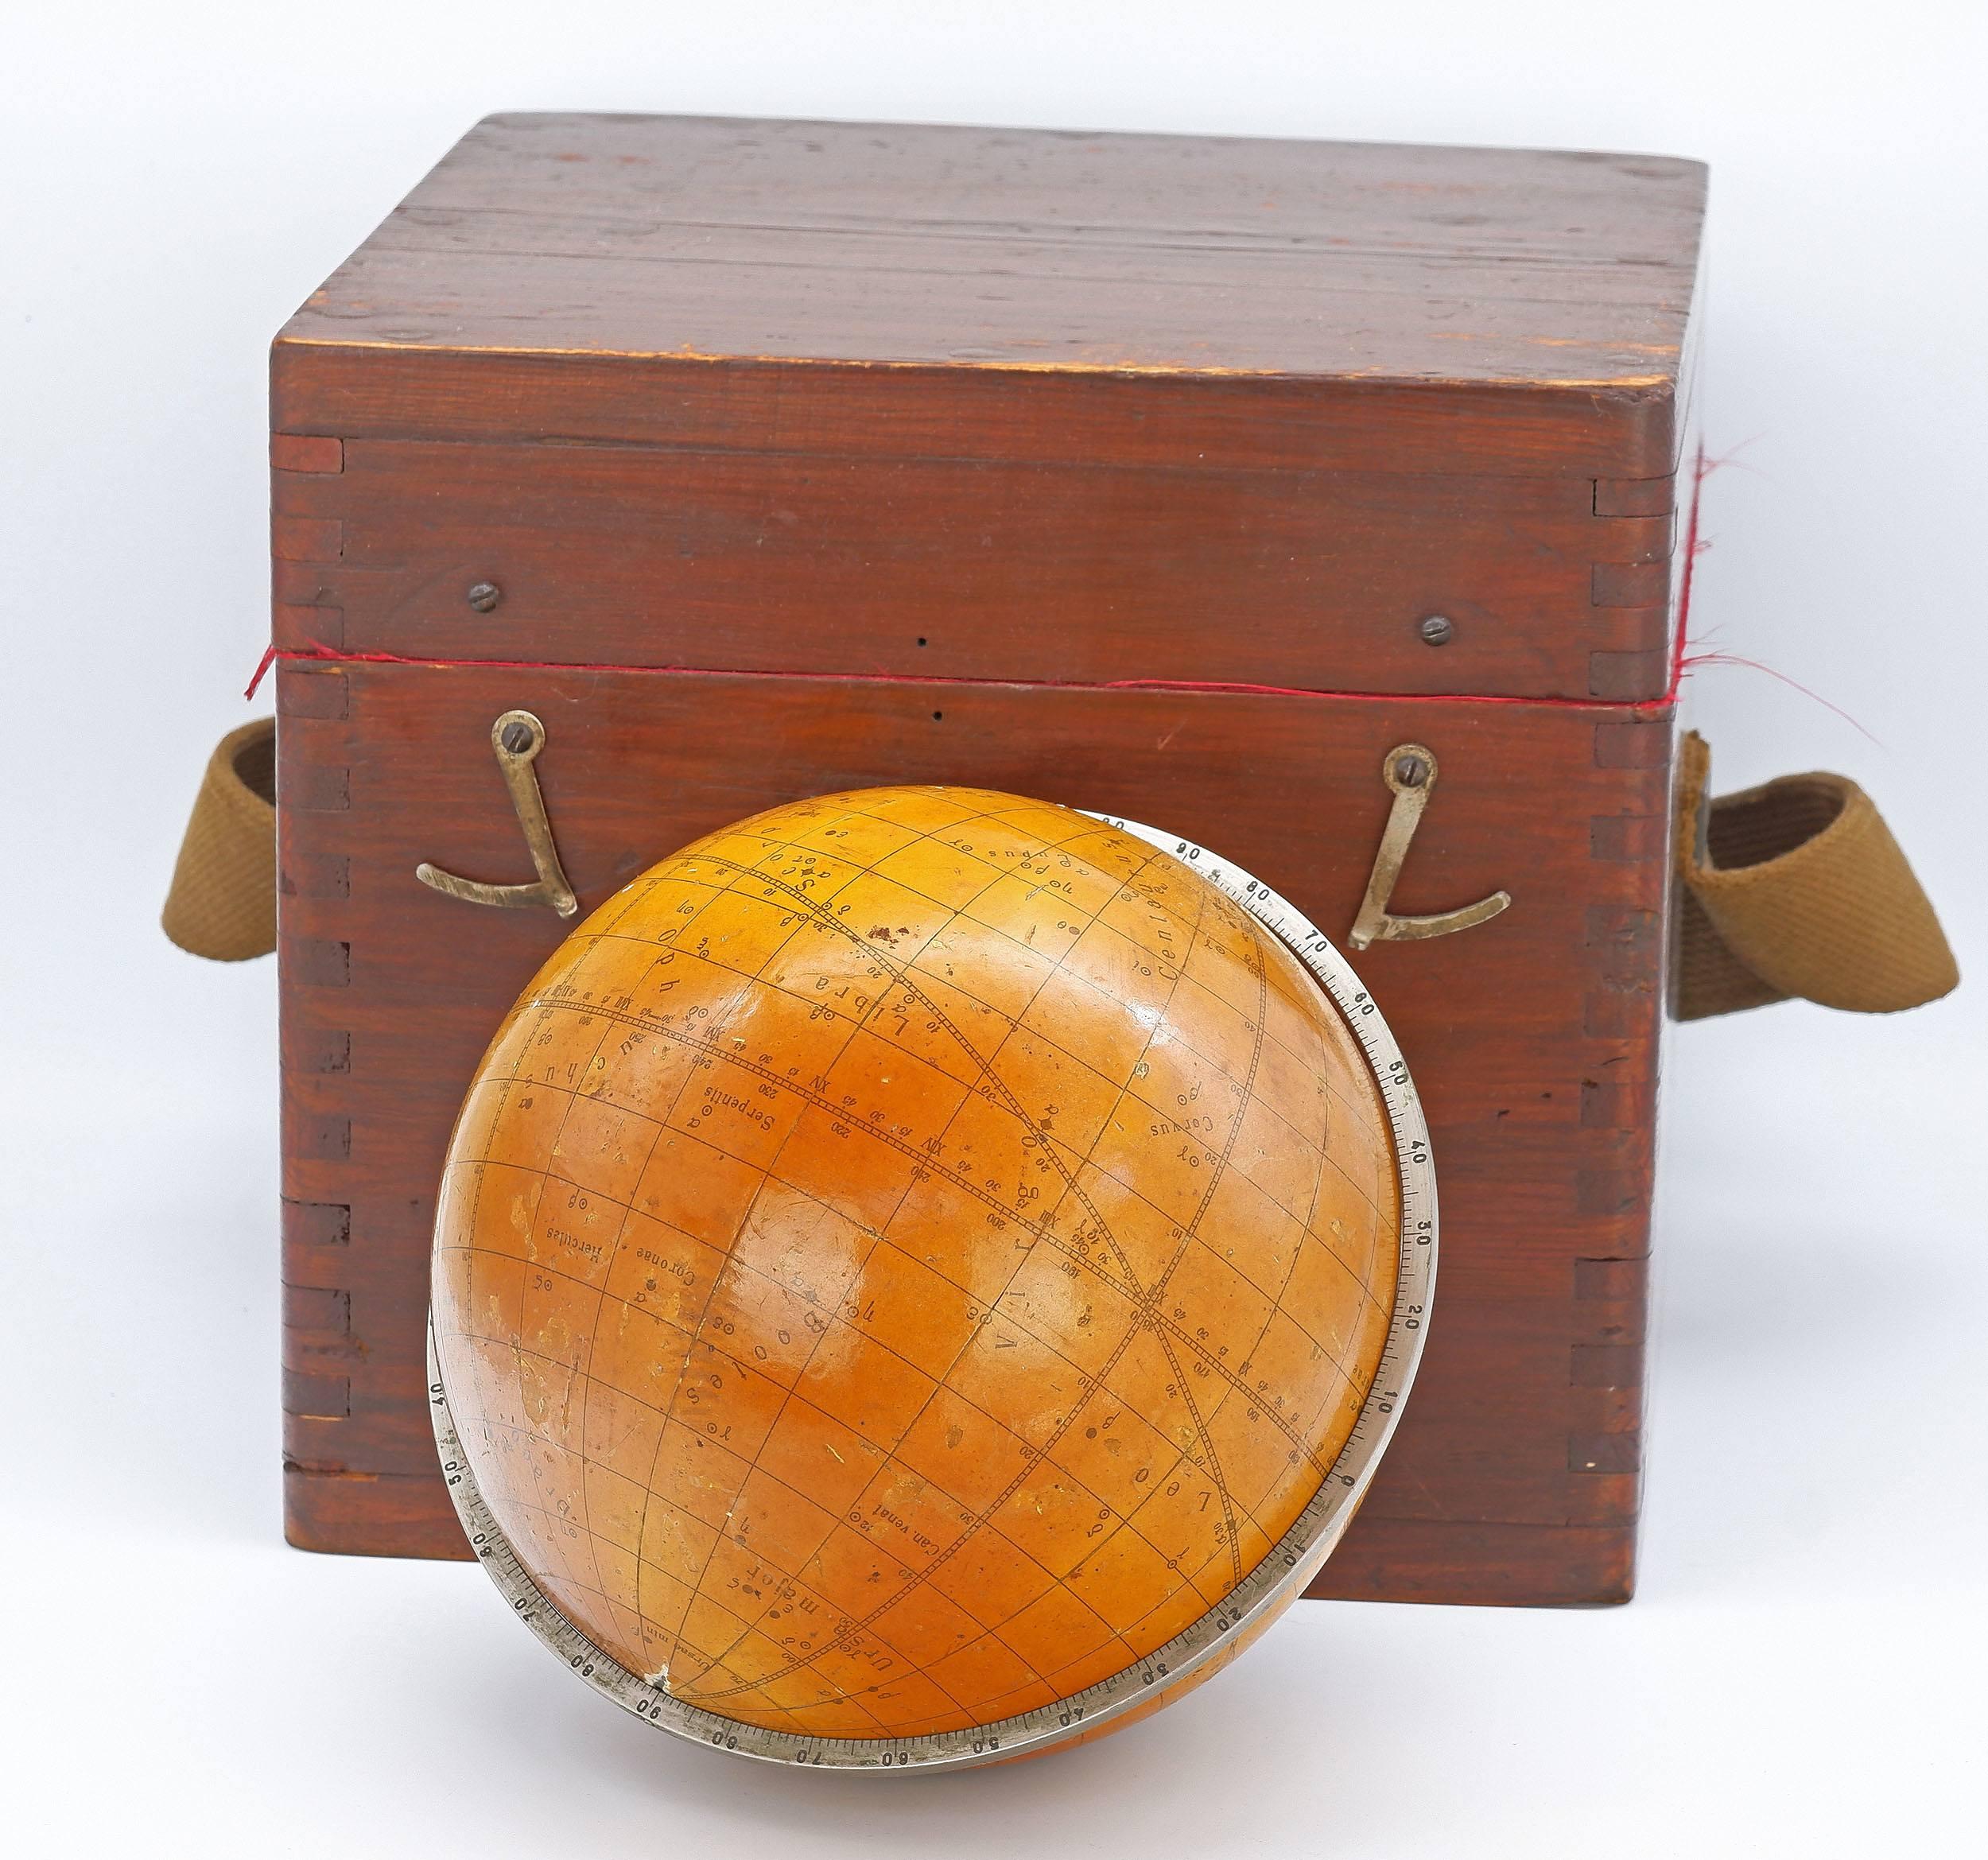 'Soviet Celestial Star Globe Dated 1968 in Original Box'